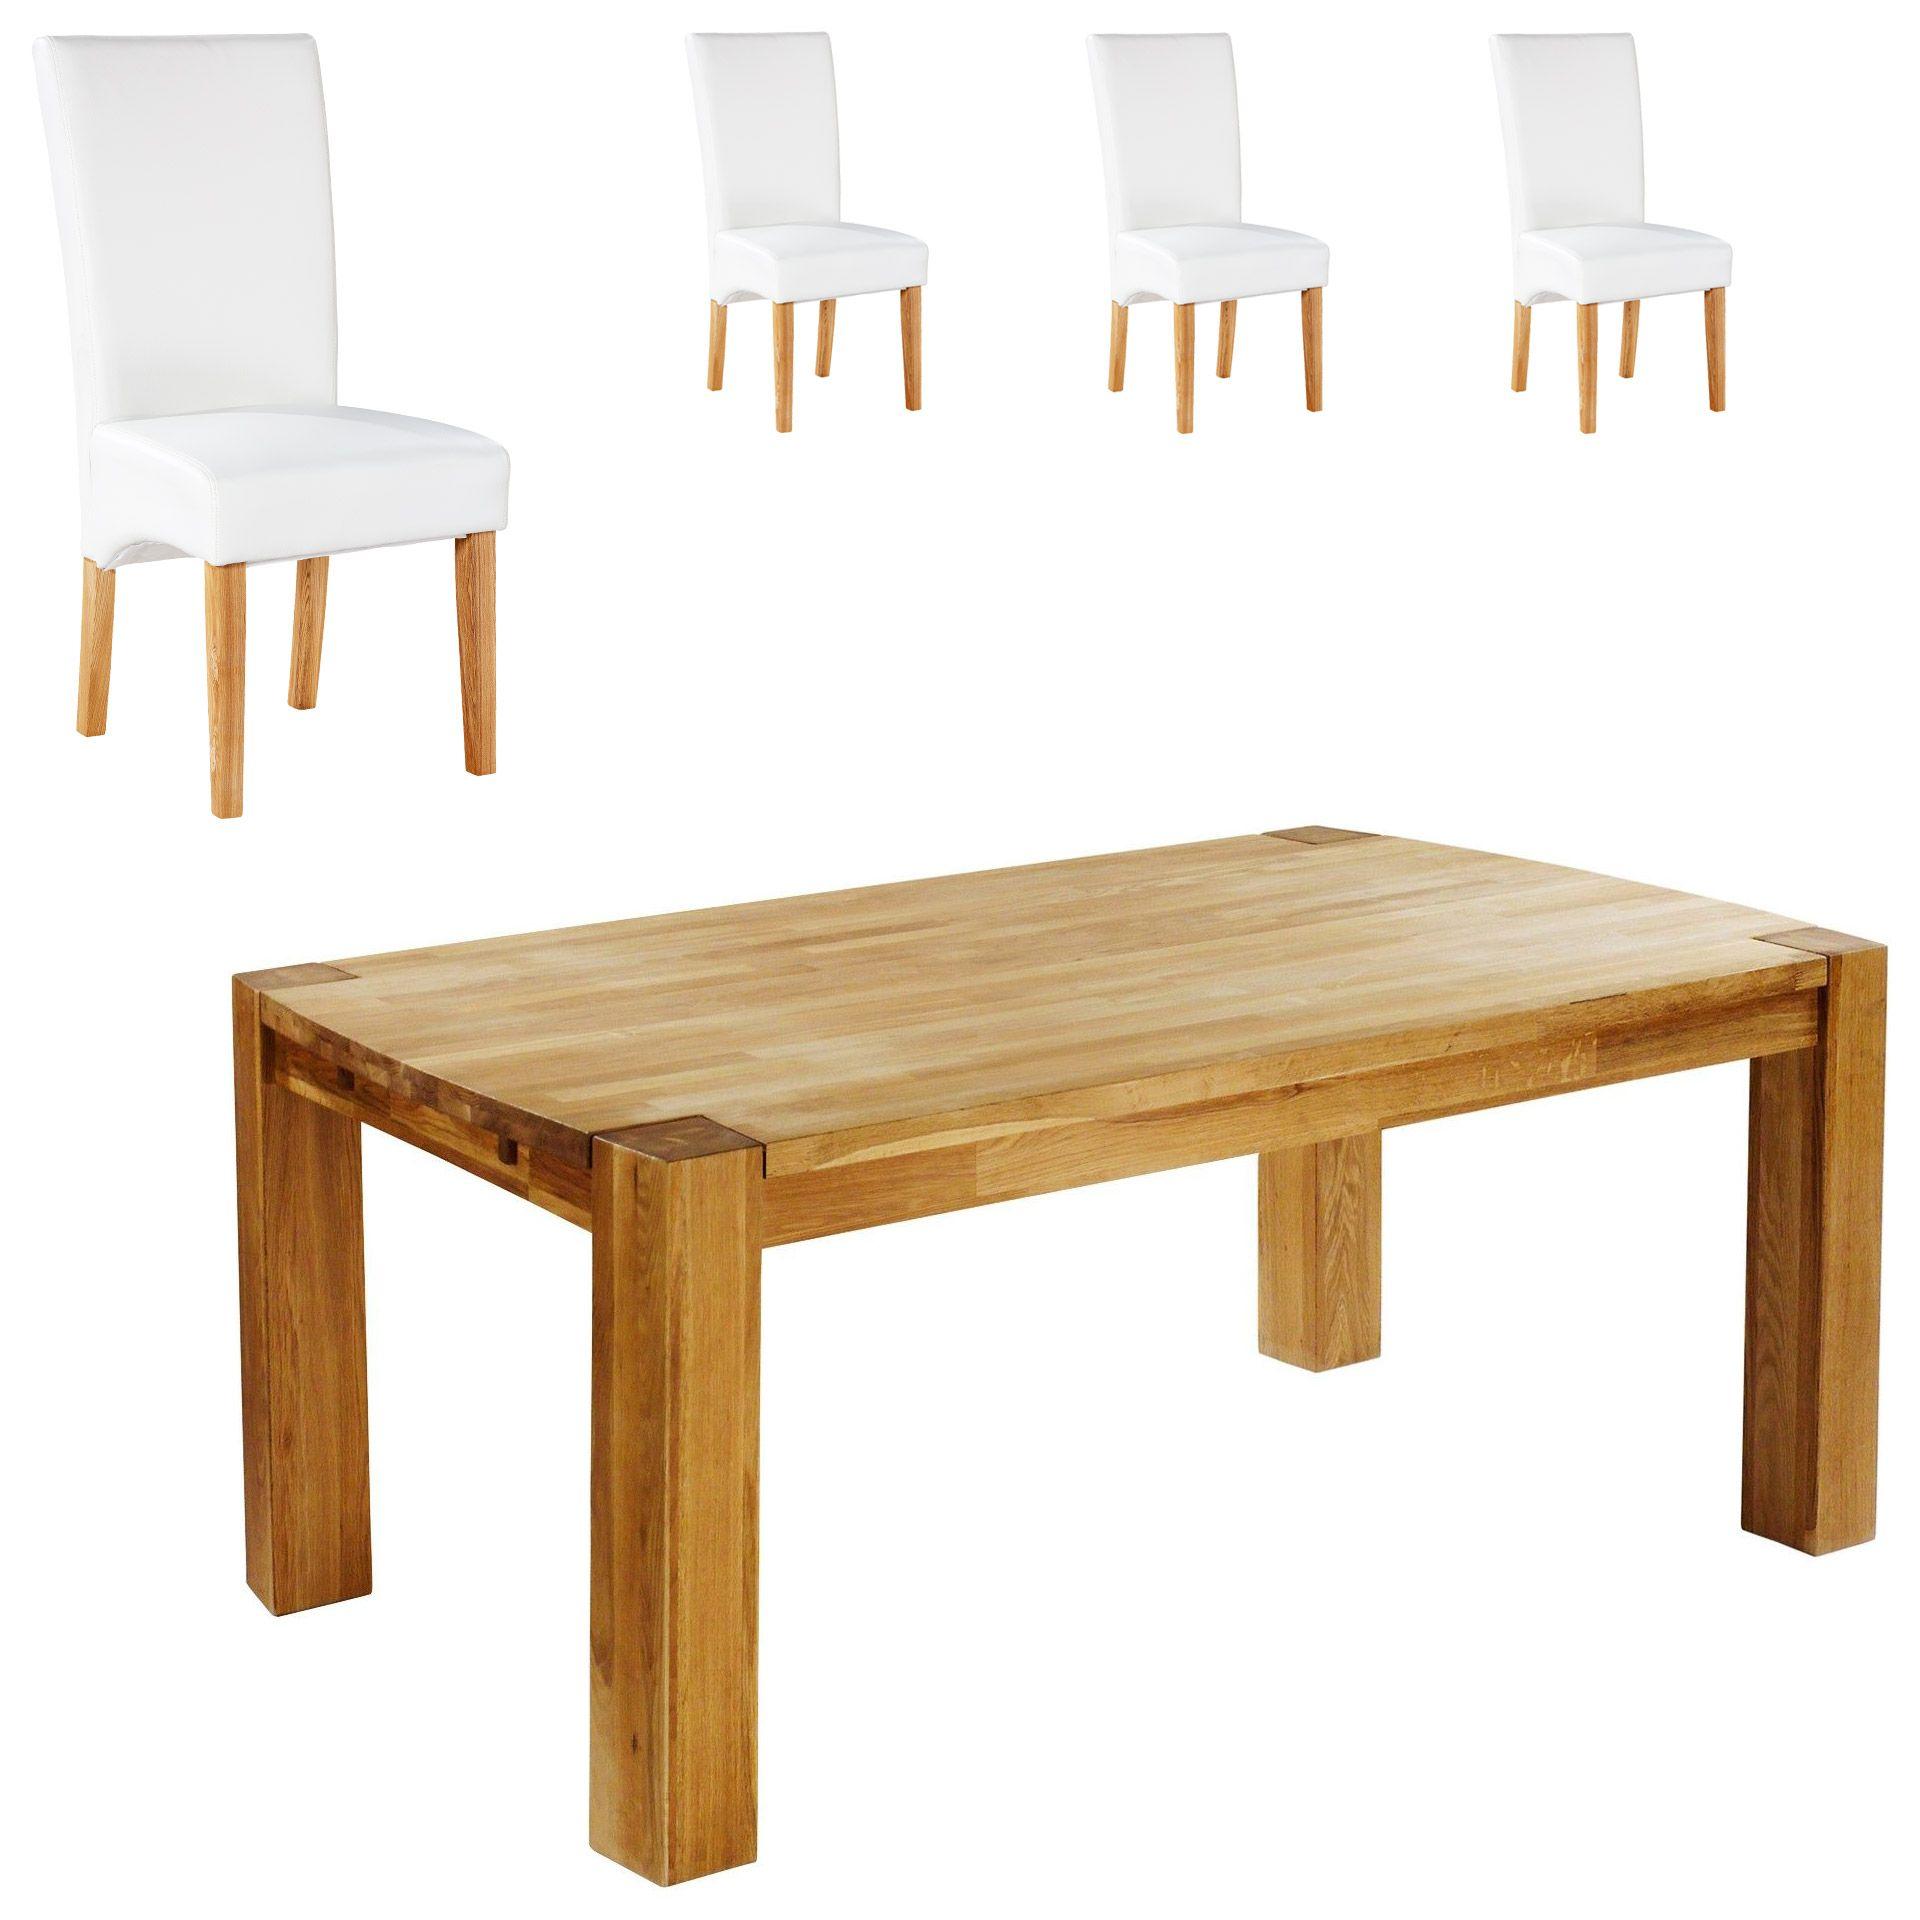 Bezaubernd Esstisch 120x80 Ausziehbar Das Beste Von Esszimmertisch Und Stühle | Eiche | Stühle